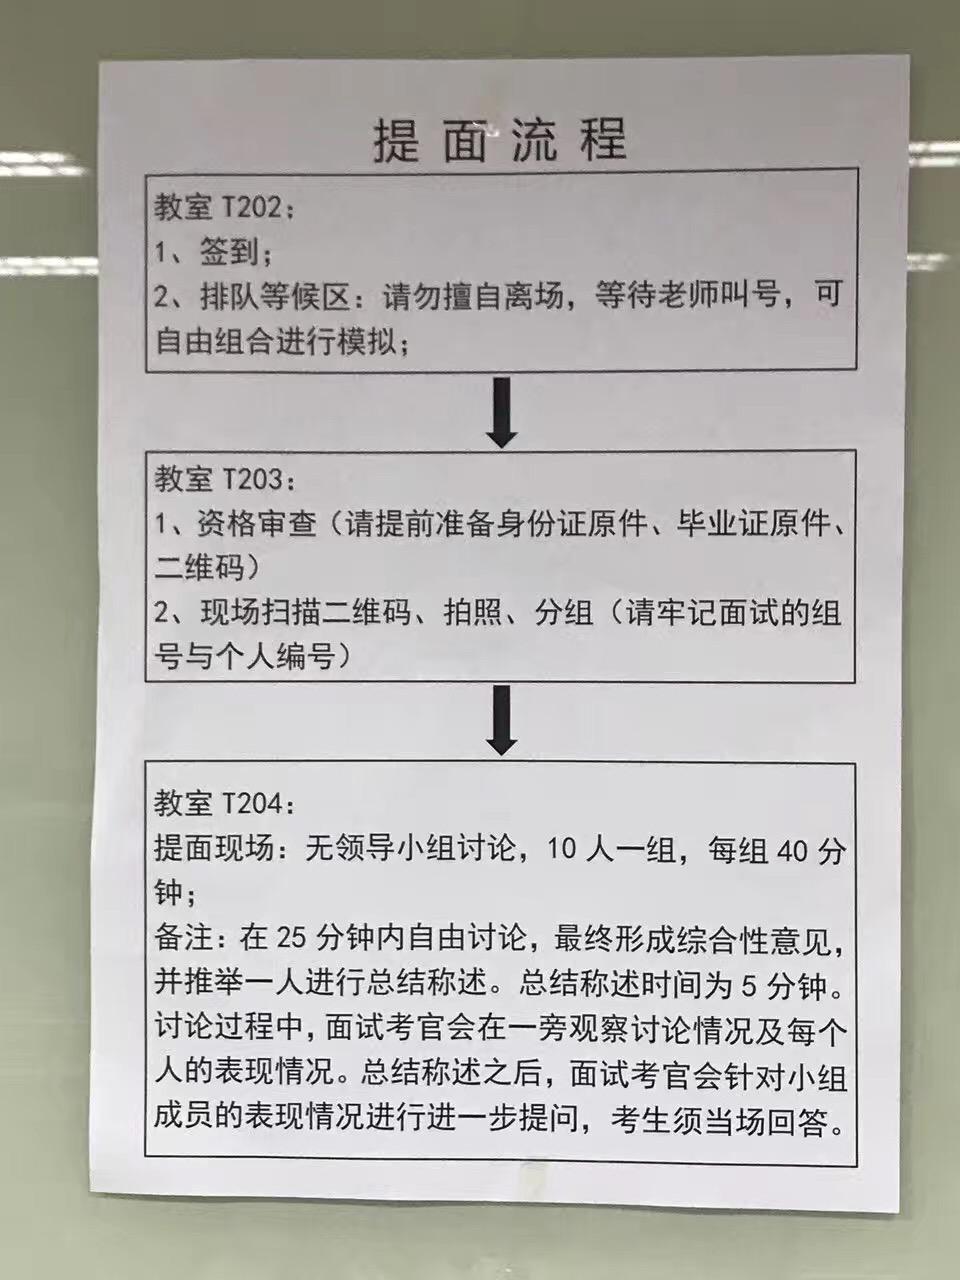 华中科技大学2018MBA深圳一批面试安排(7.29-30)